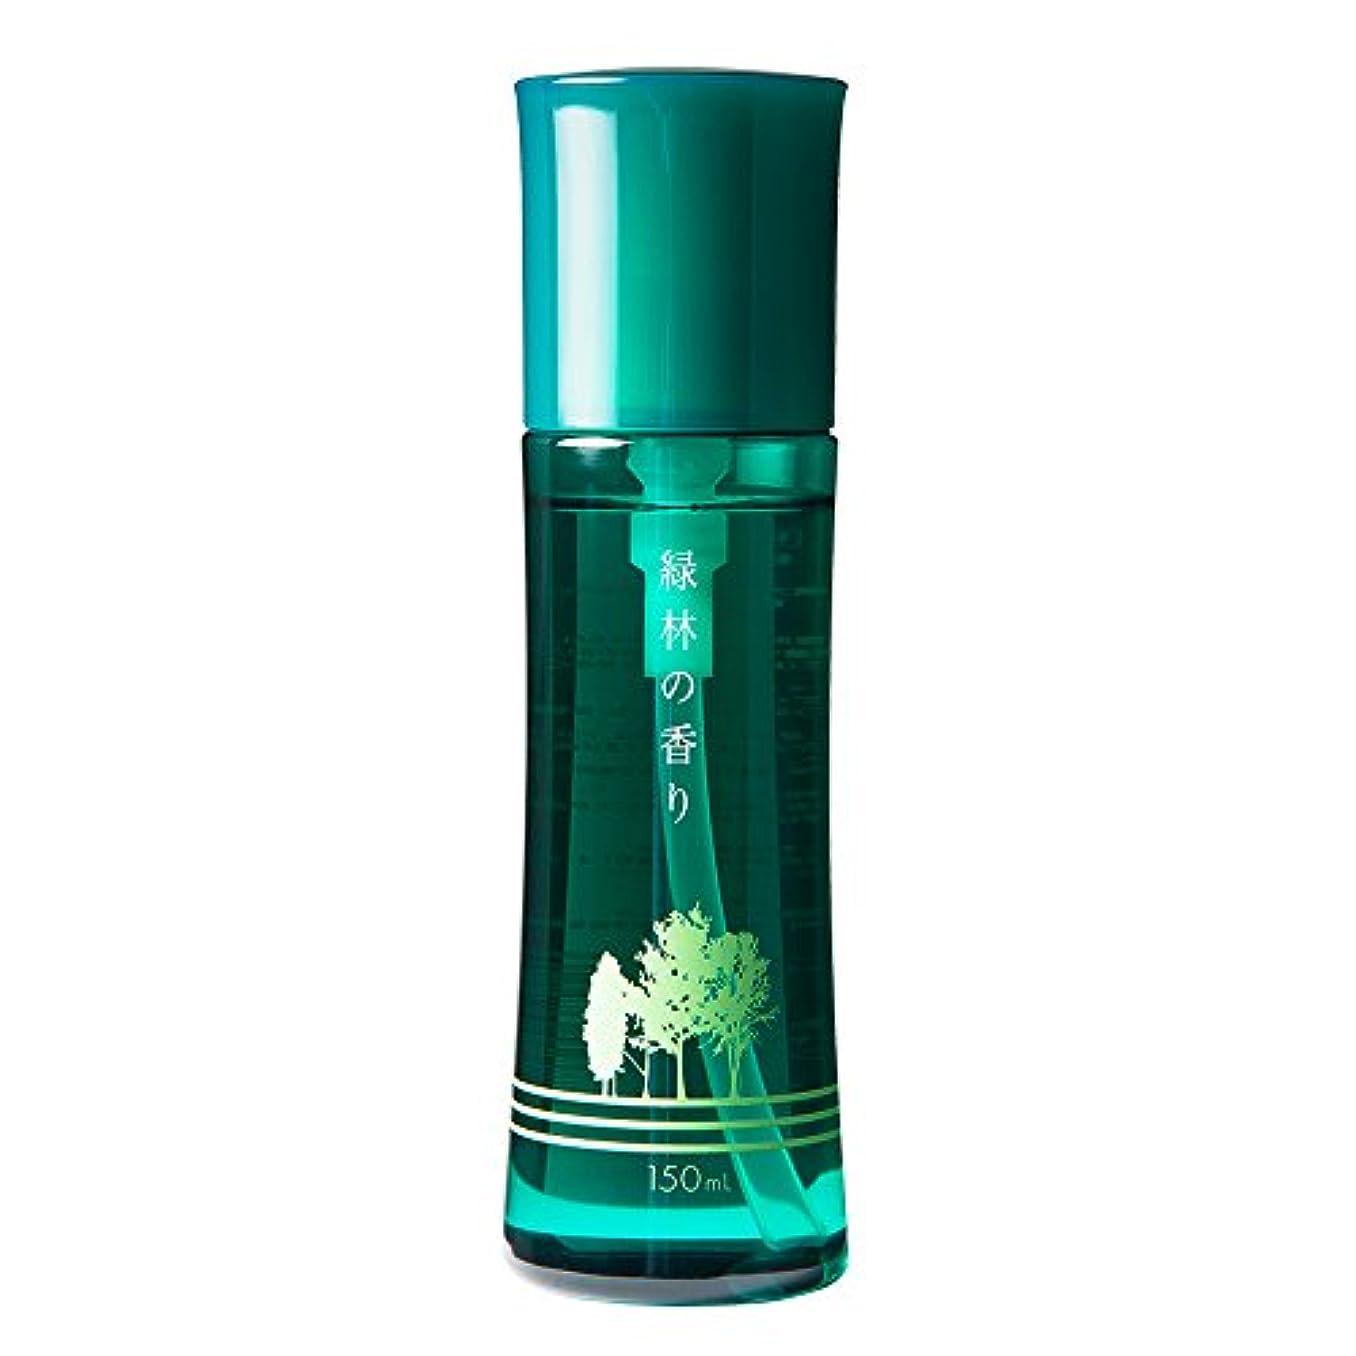 謎めいた制限ばかげている芳香剤「緑林の香り(みどりの香り)」150mL 日本予防医薬